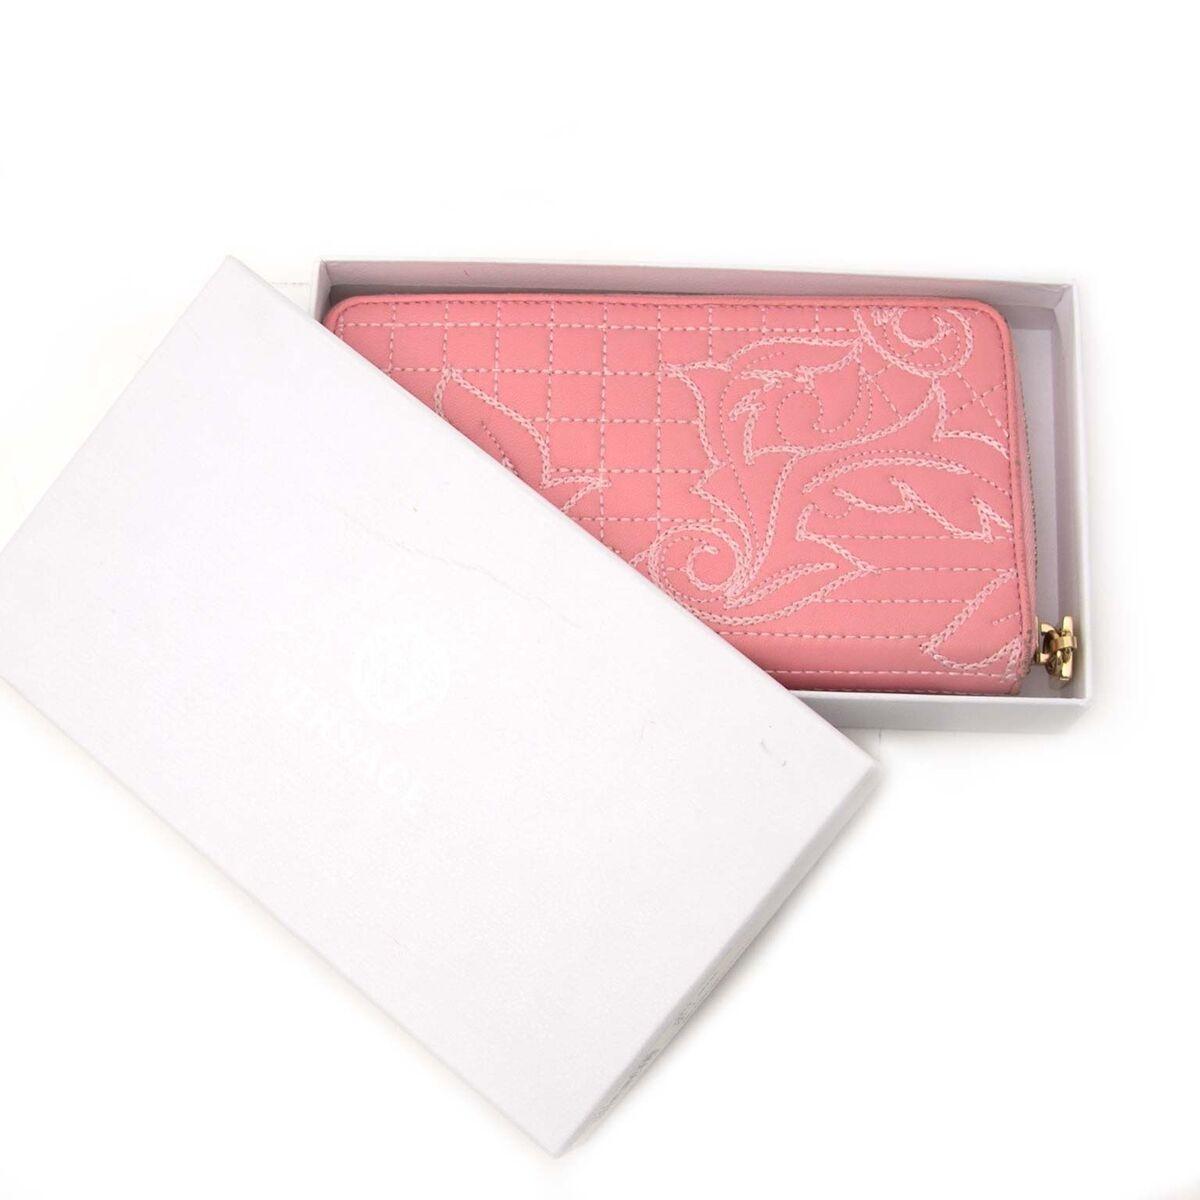 Koop authentieke tweedehands Versace portefeuille aan een eerlijke prijs bij LabelLOV. Veilig online shoppen.